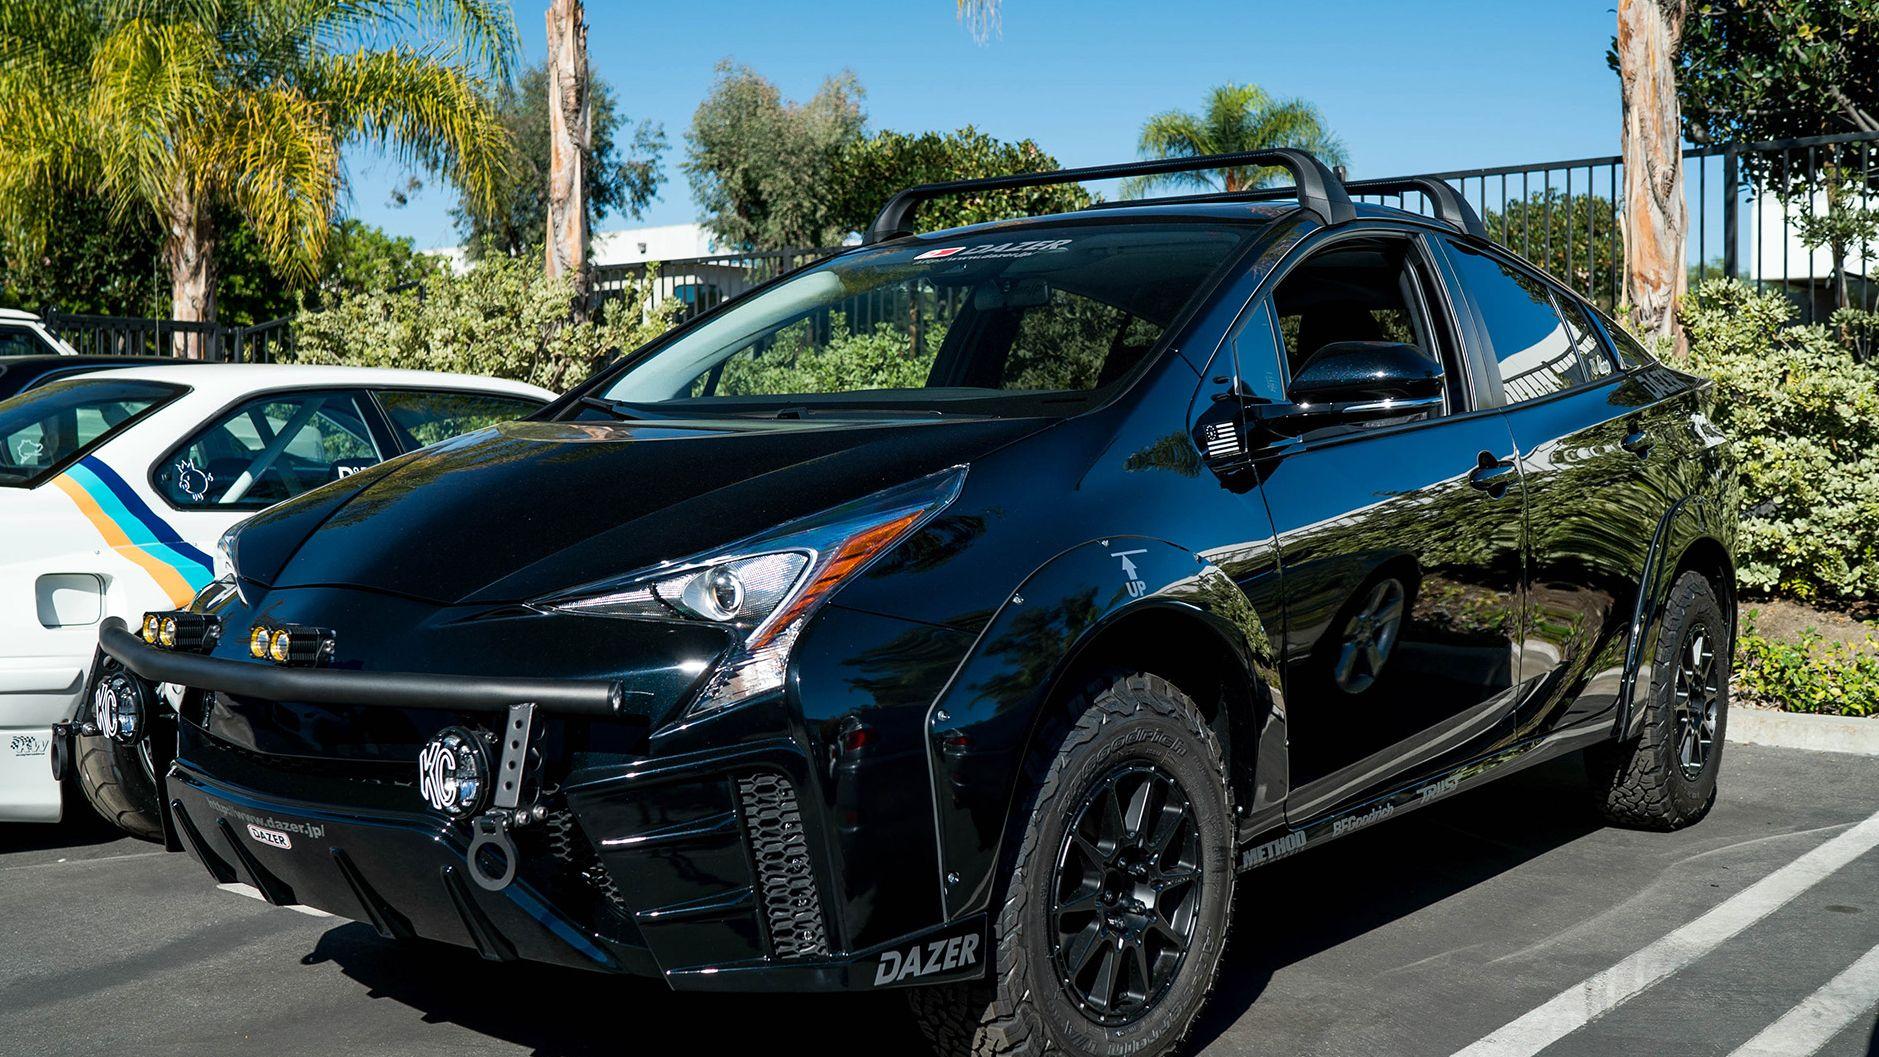 A Toyota Priust sem kerüli el a SUV-osodás? – Autónavigátor hu